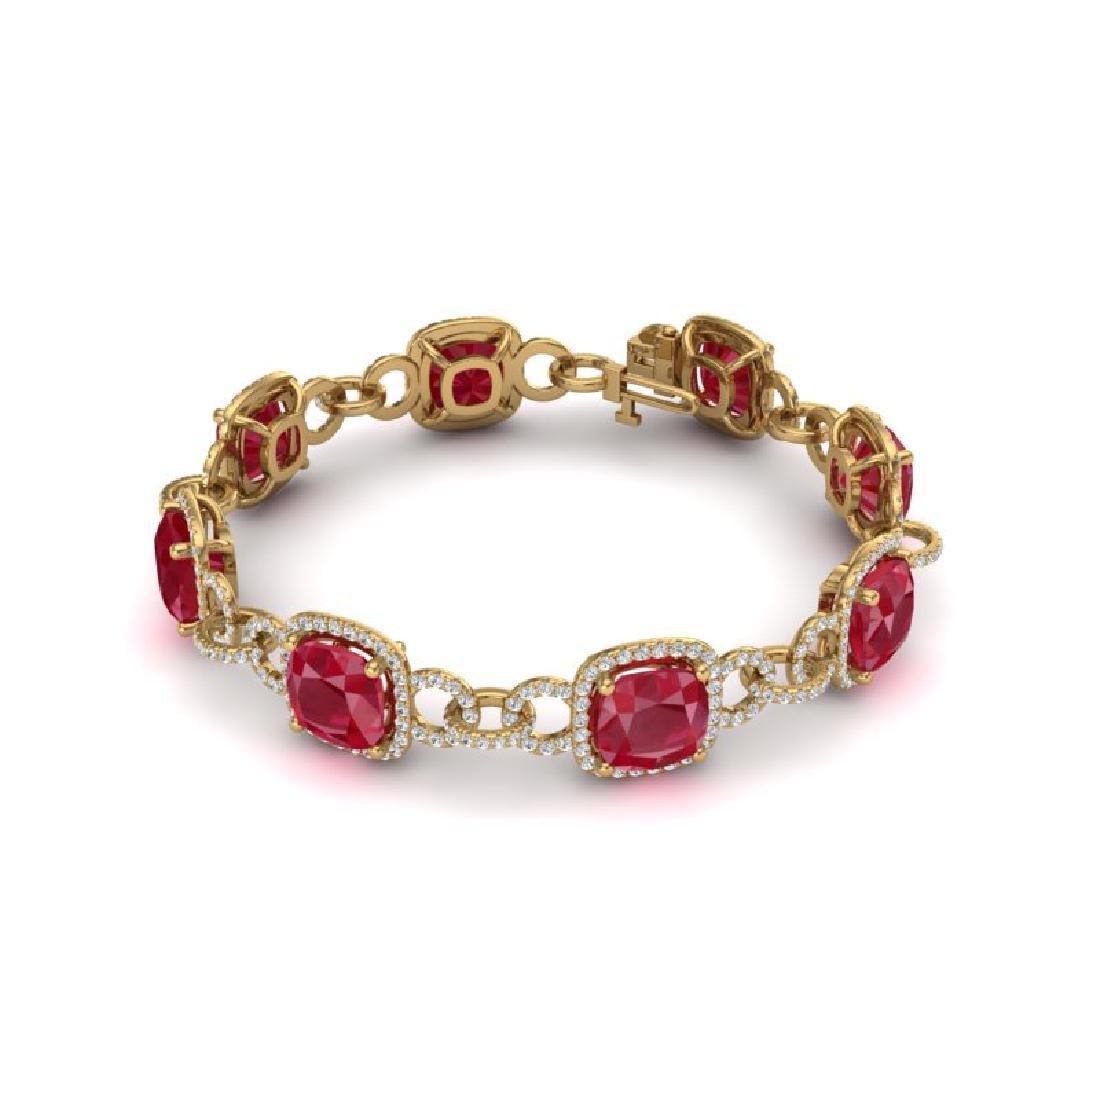 25 CTW Ruby & VS/SI Diamond Bracelet 14K Yellow Gold